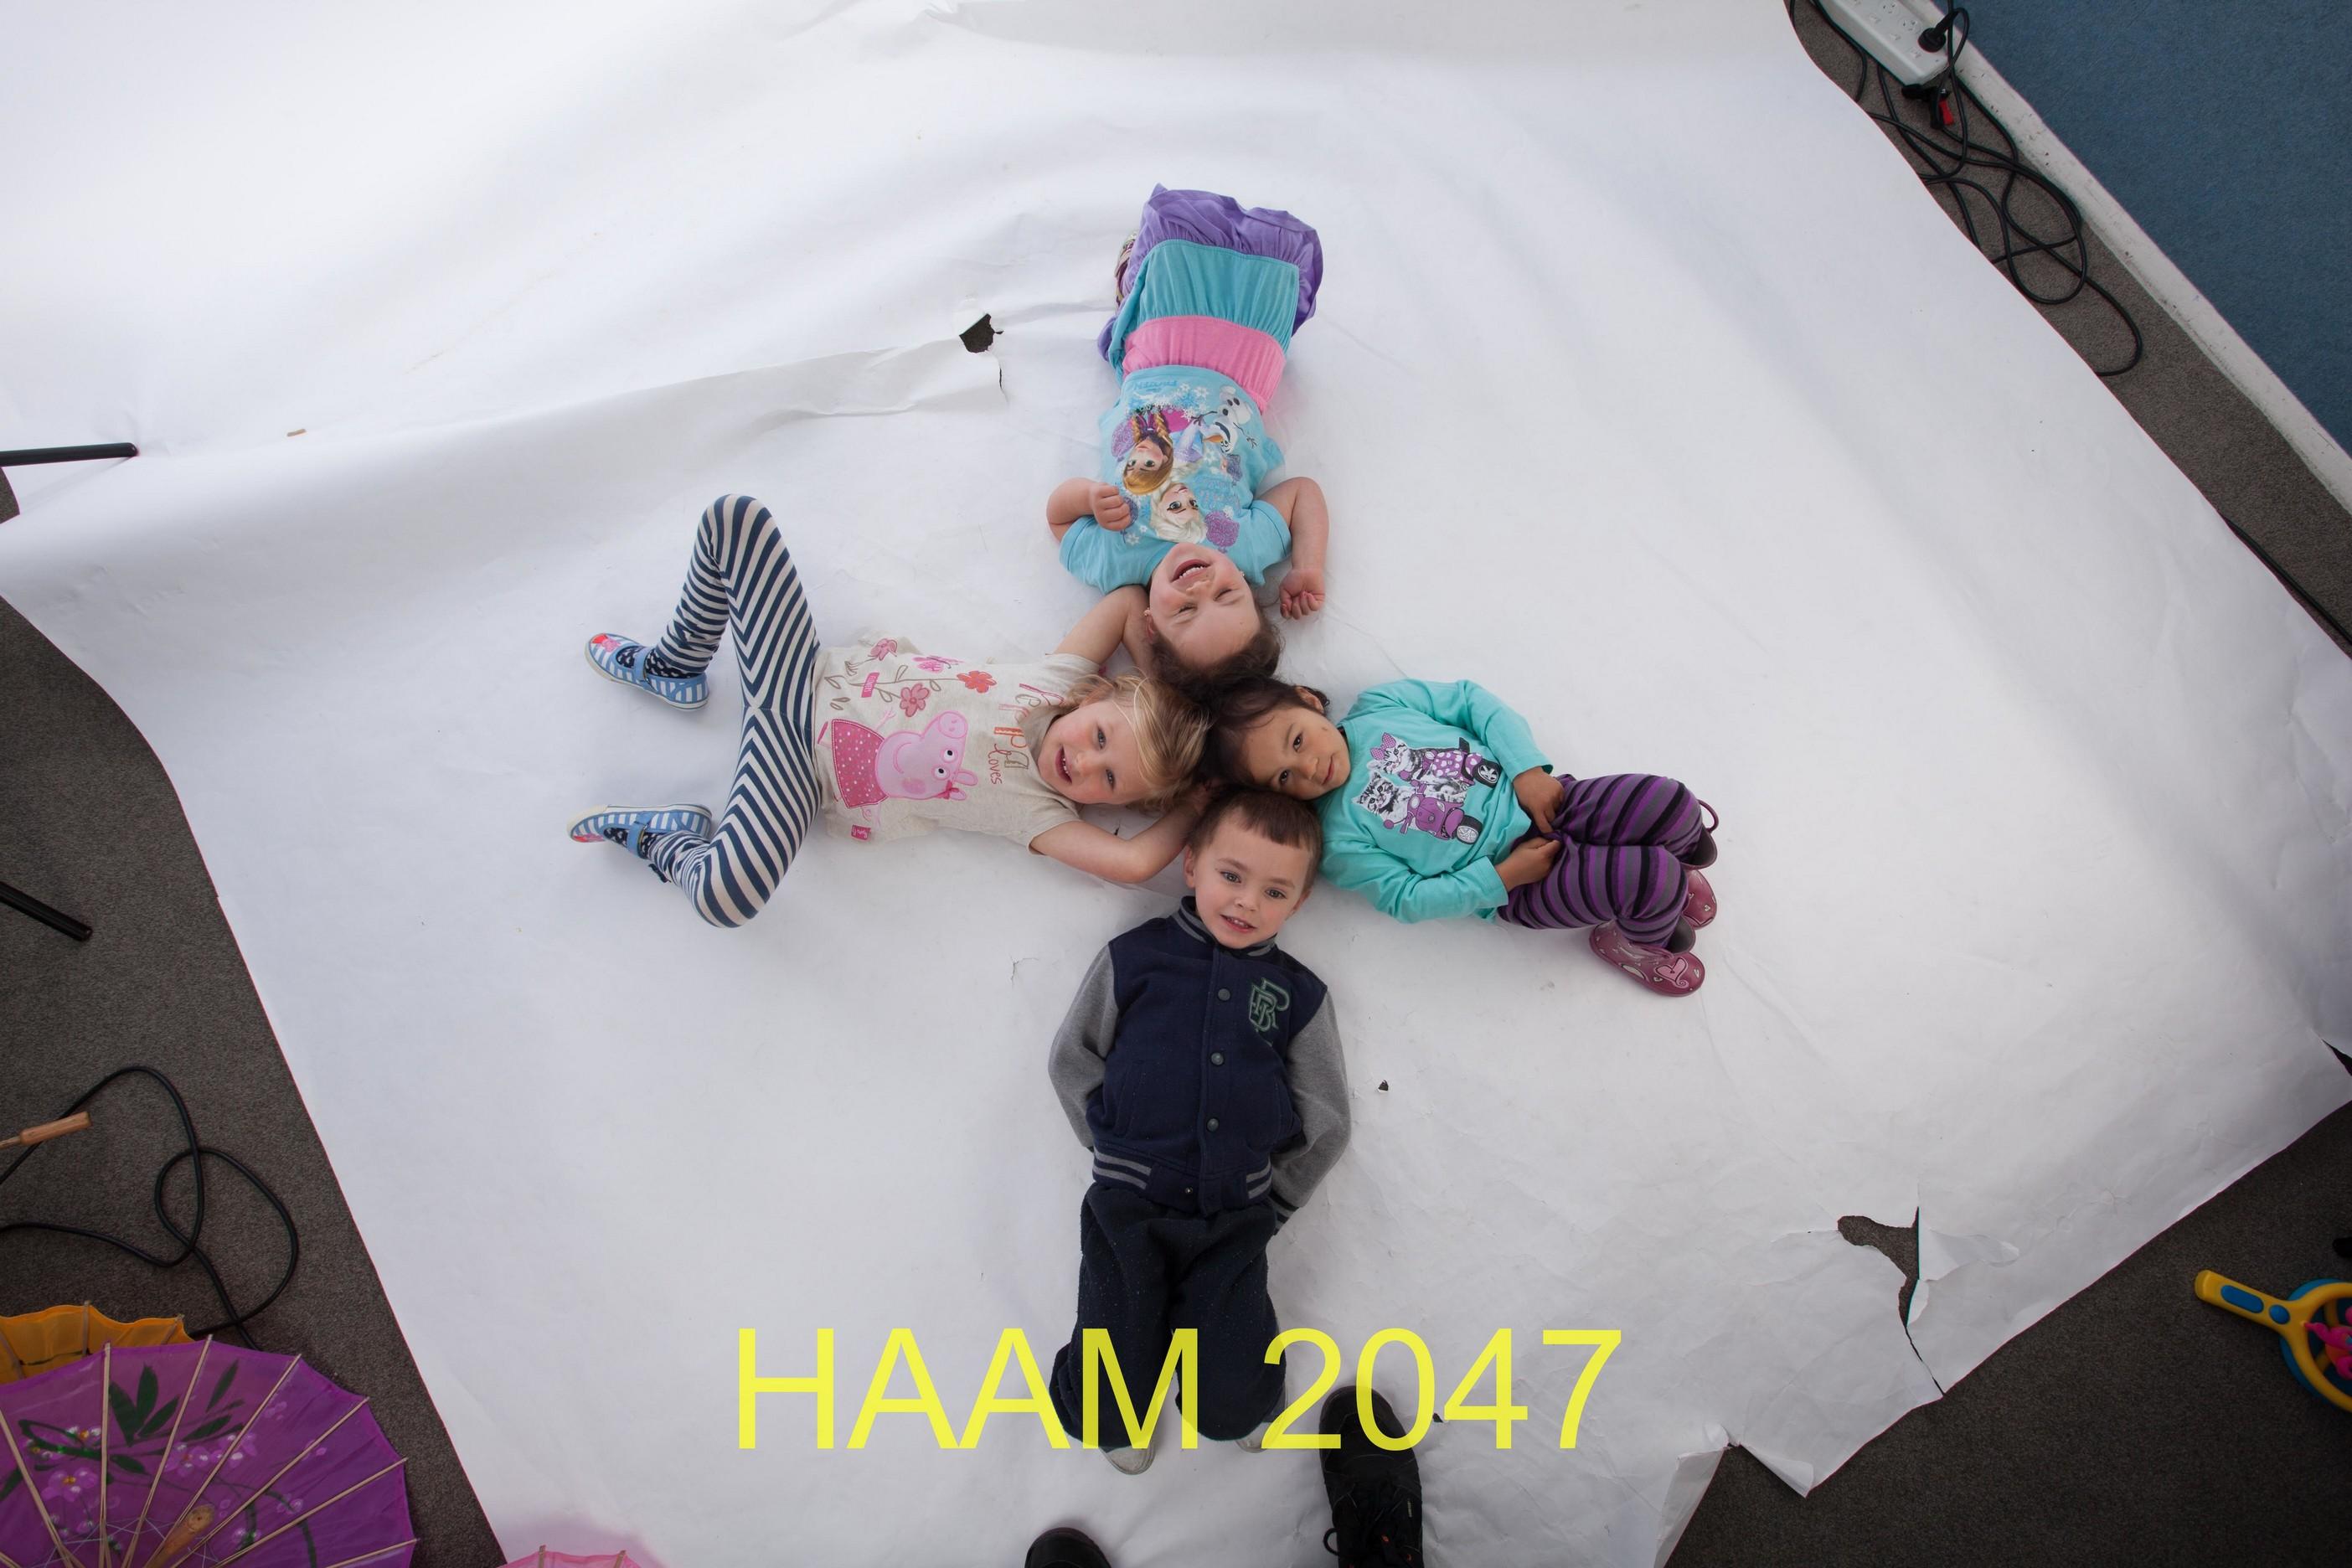 HAAM 2047